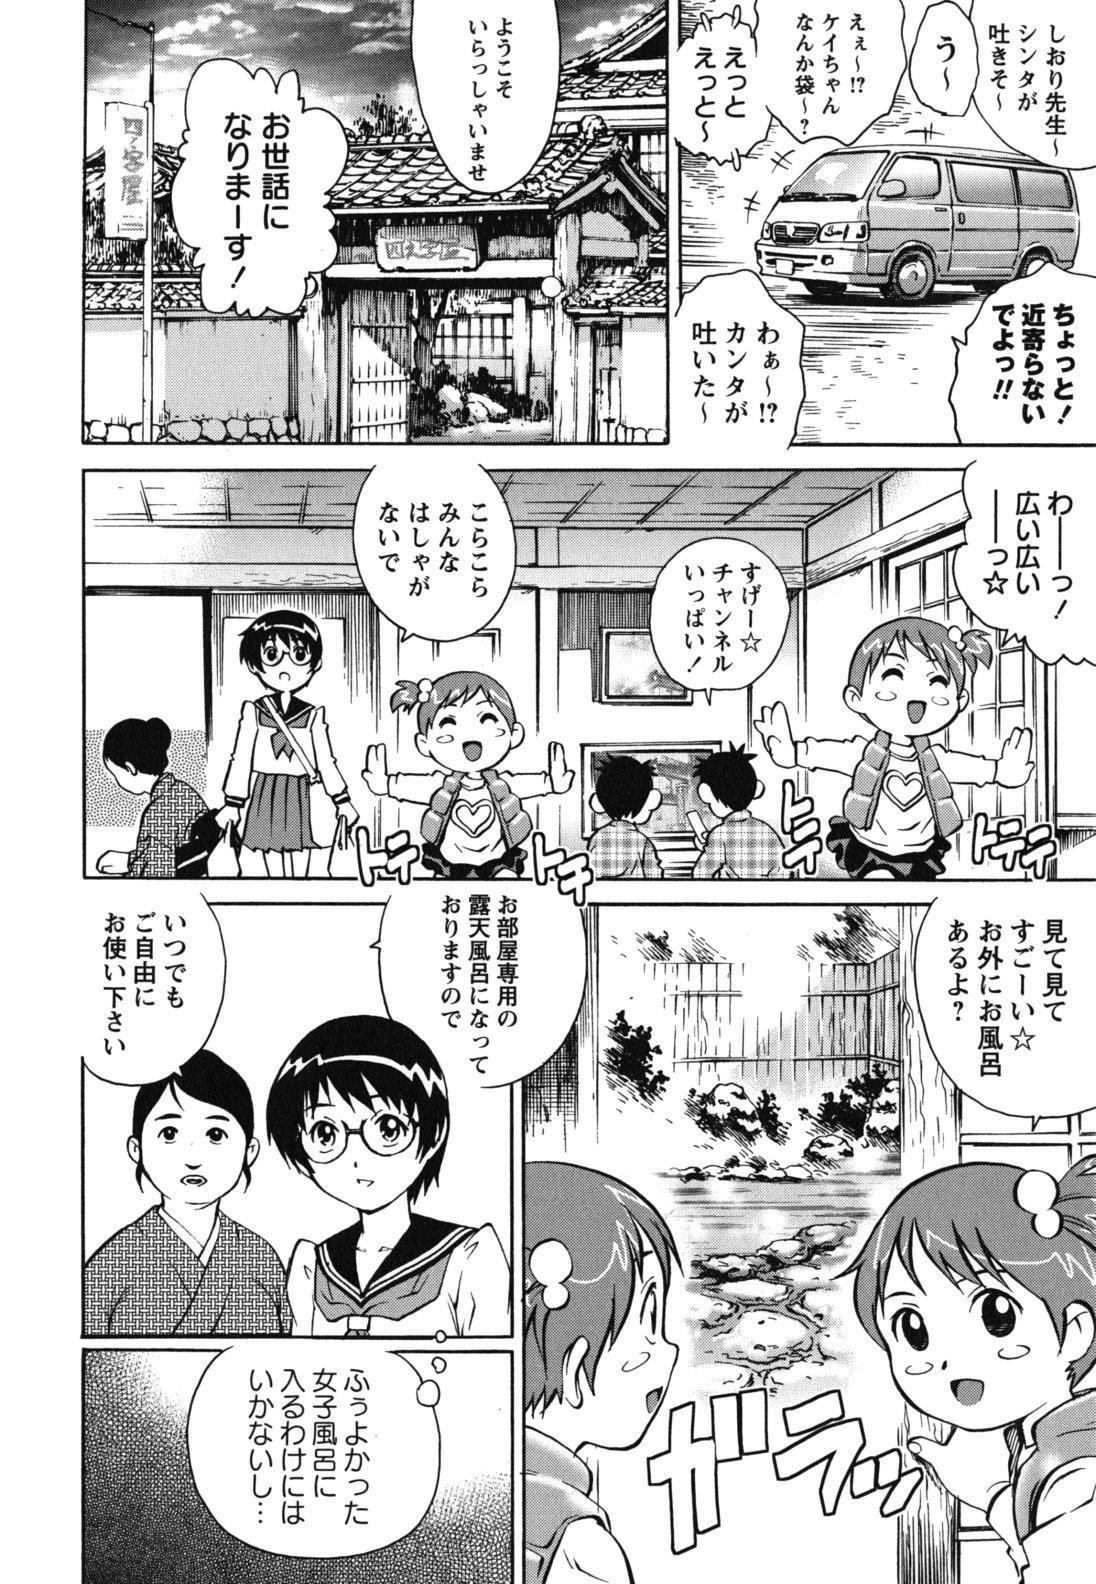 Hajimete no SEX 54